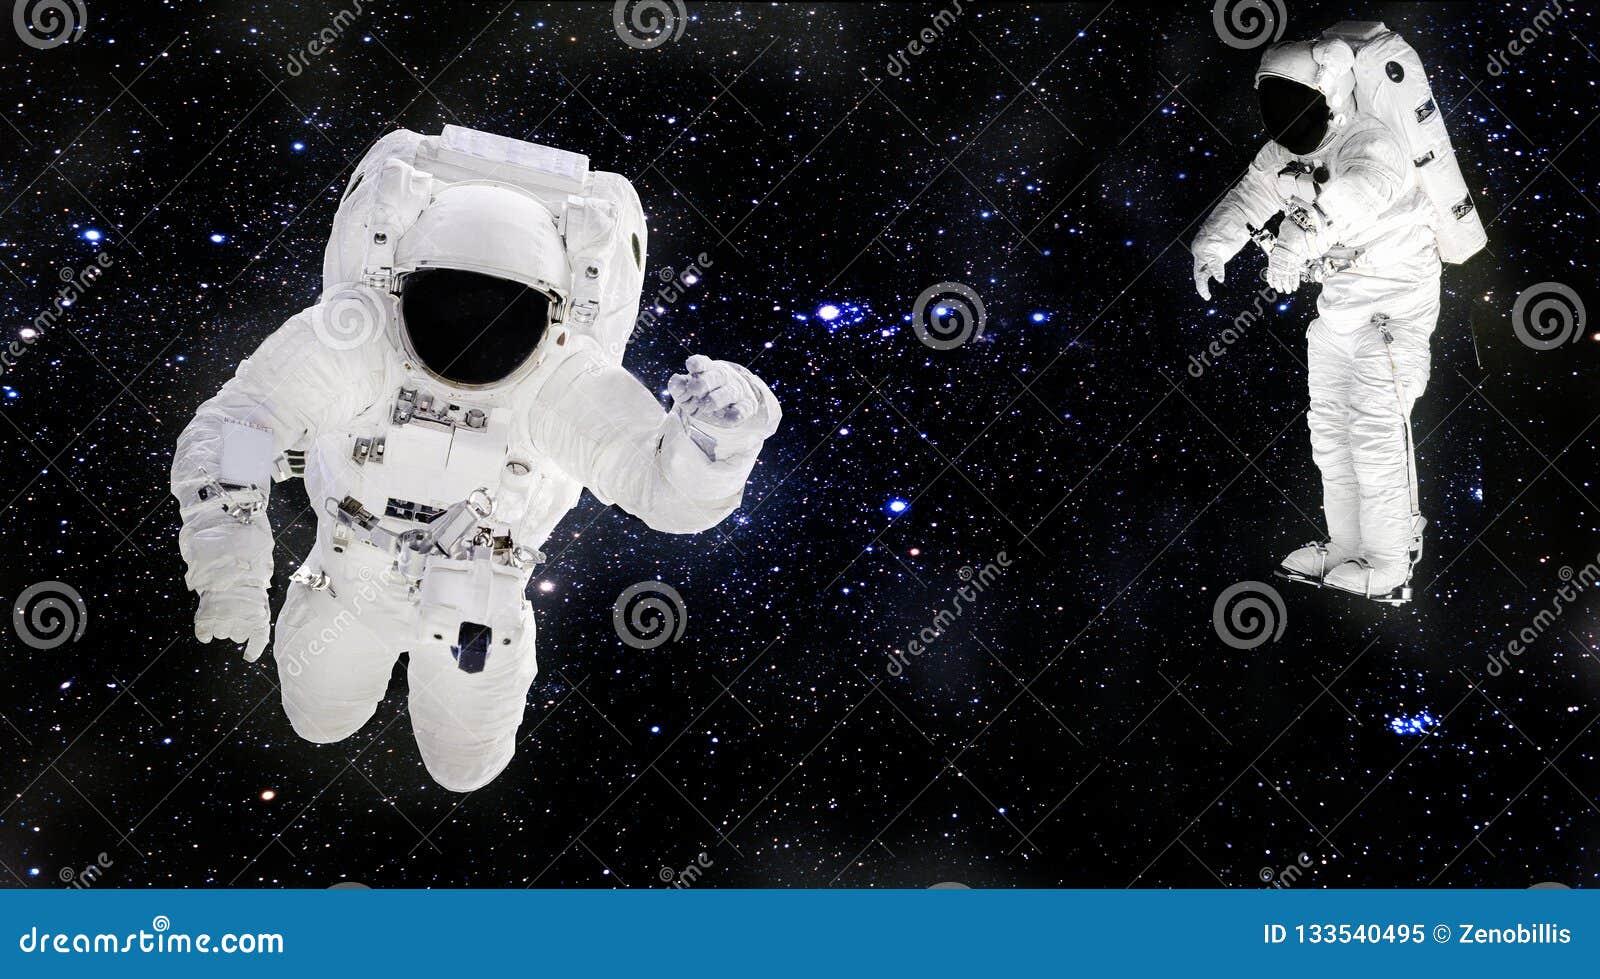 漂浮在外层空间的太空服的宇航员 Spacemans在工作